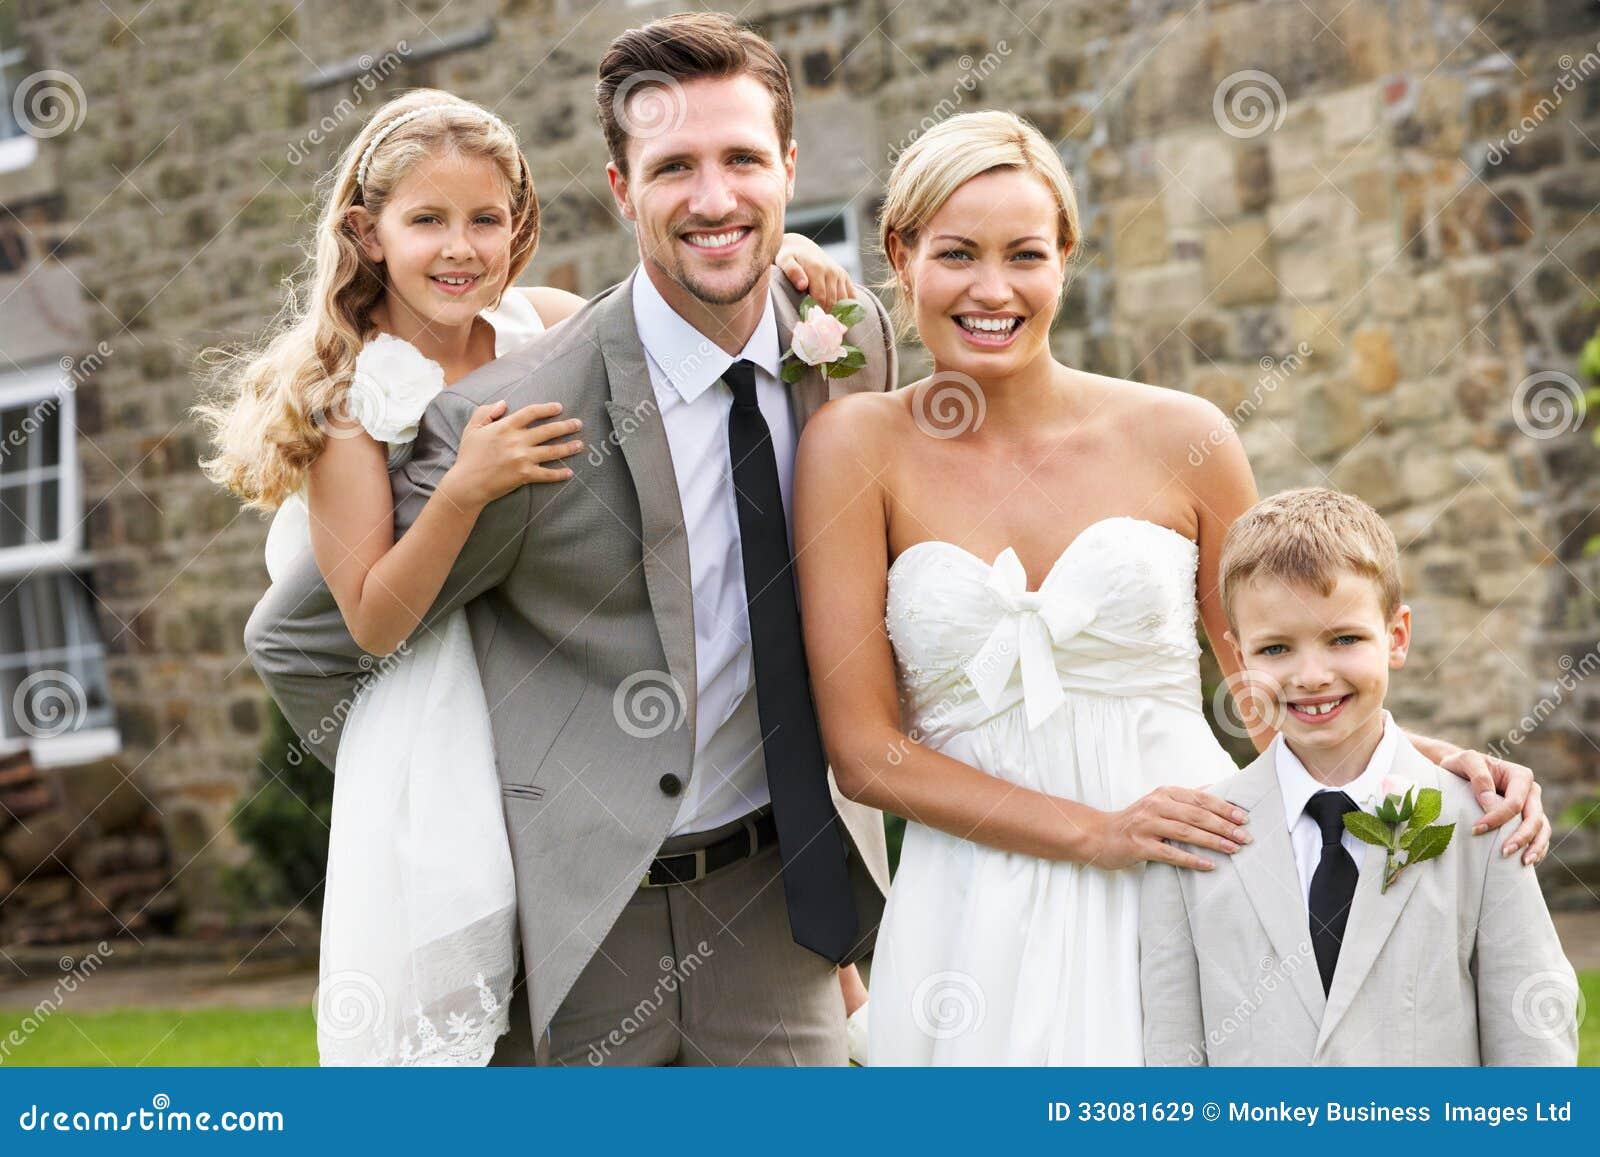 Braut-und Bräutigam-With Bridesmaid And-Hotelpage an der Hochzeit